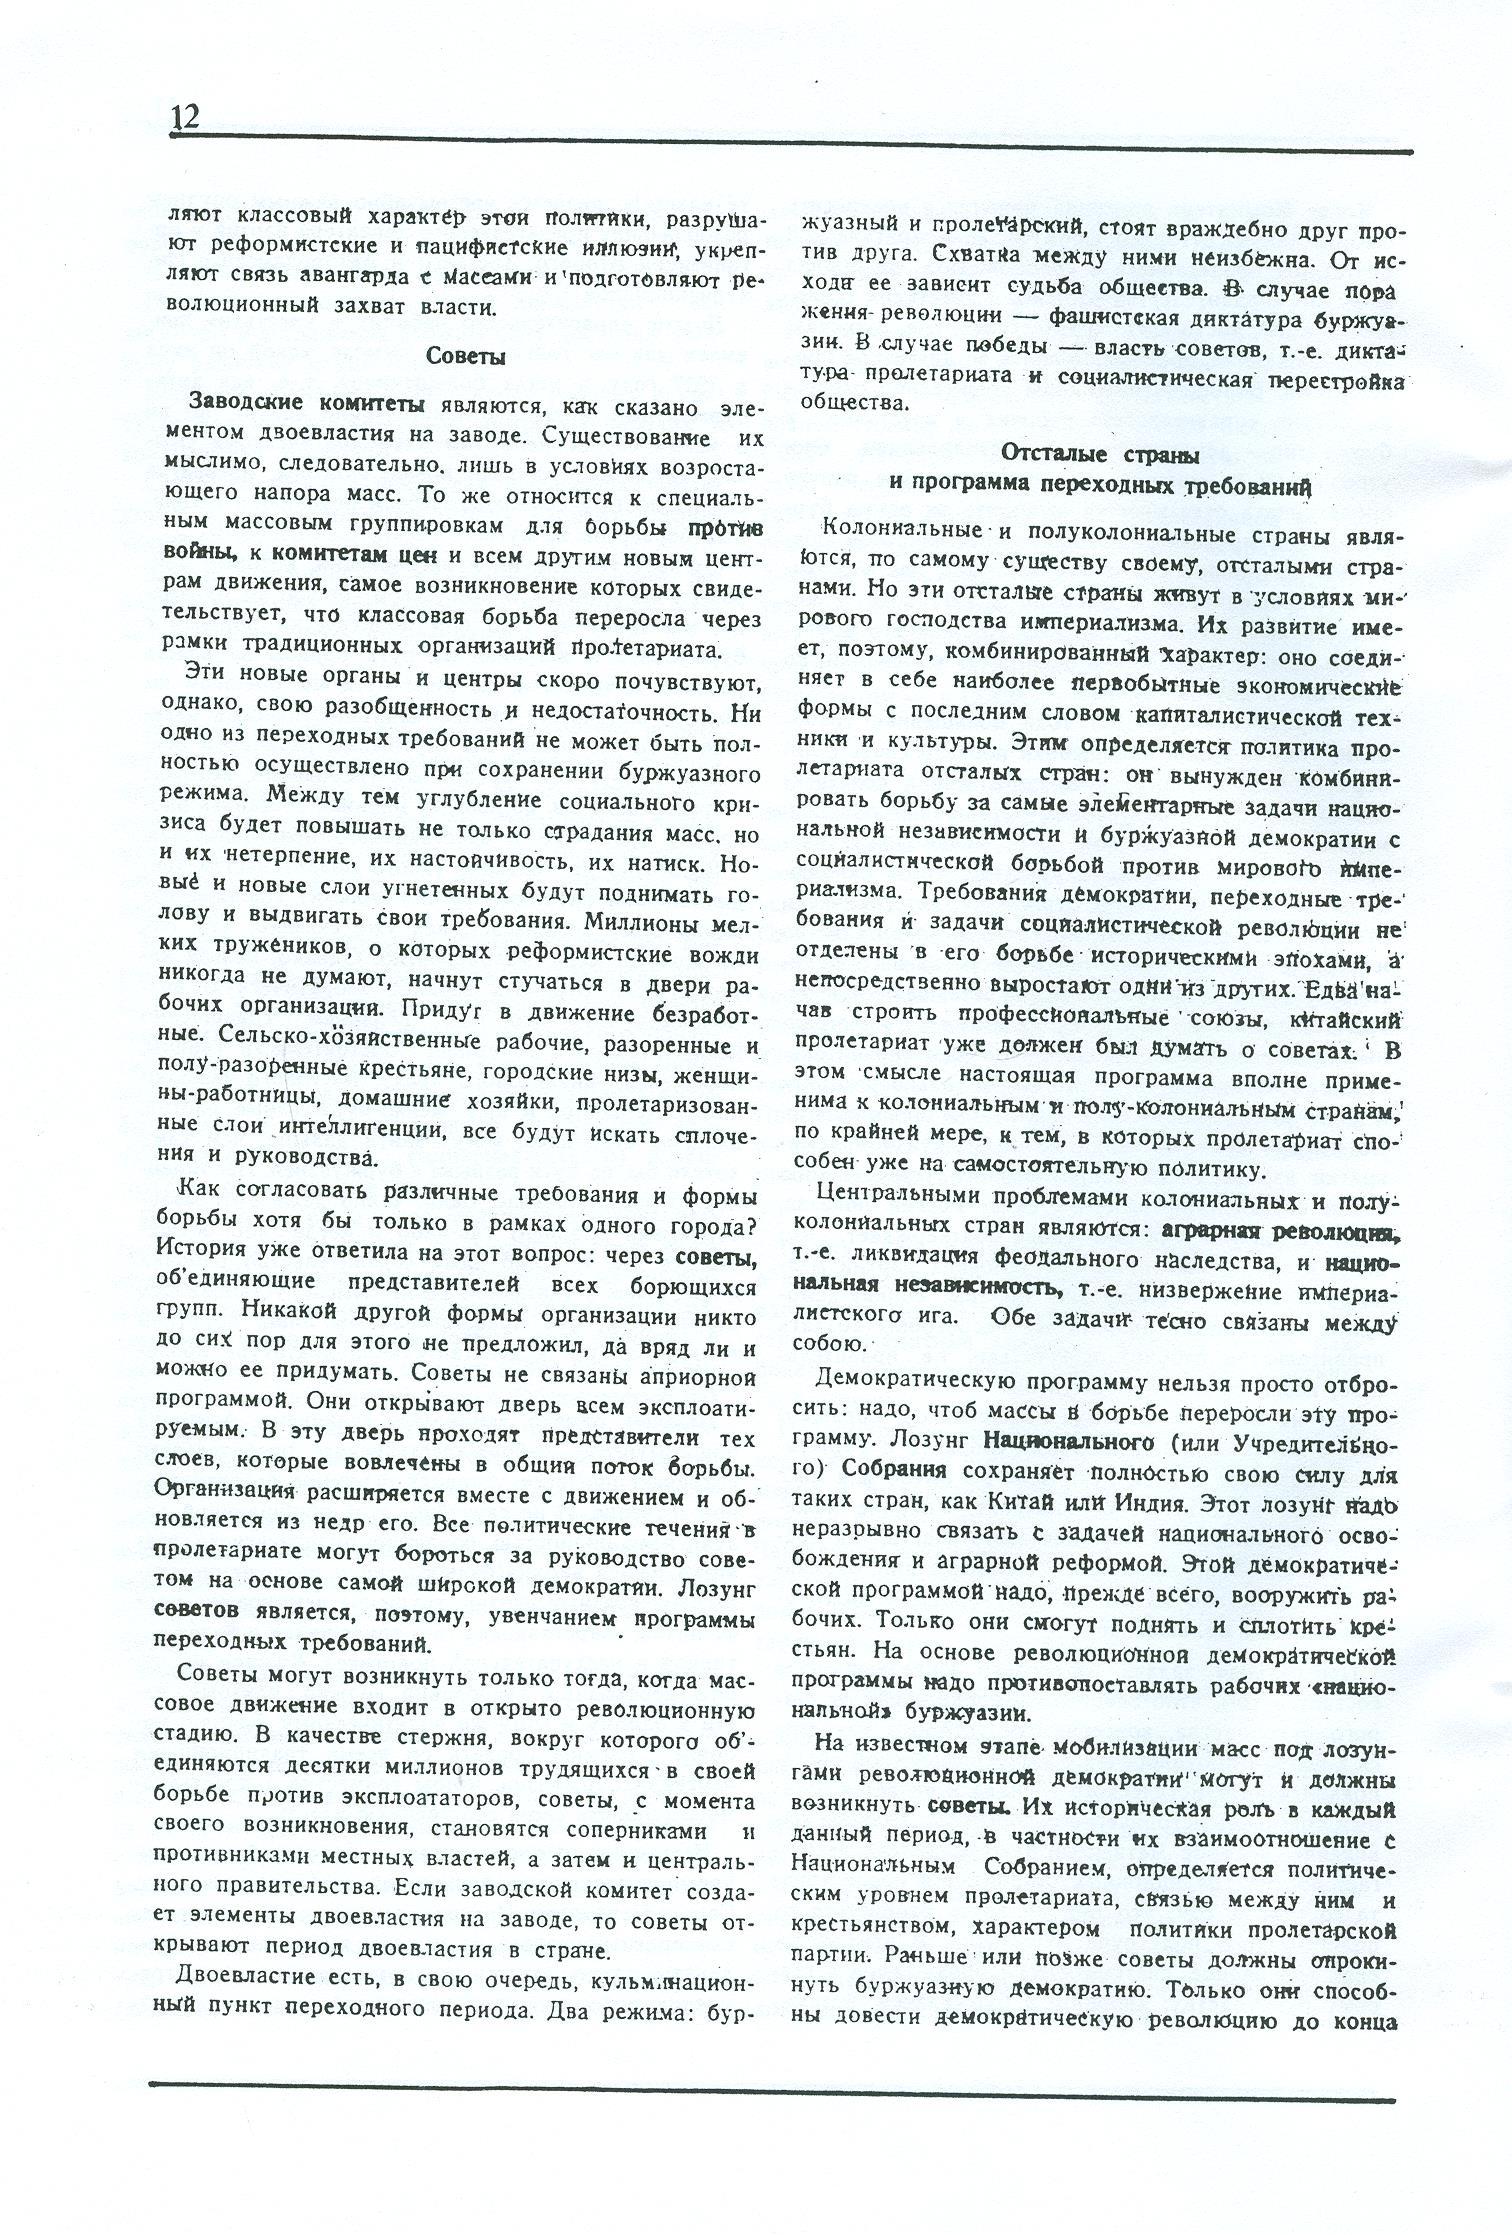 Dagli archivi del bolscevismo n. 1 (marzo 1986) - pag. 12